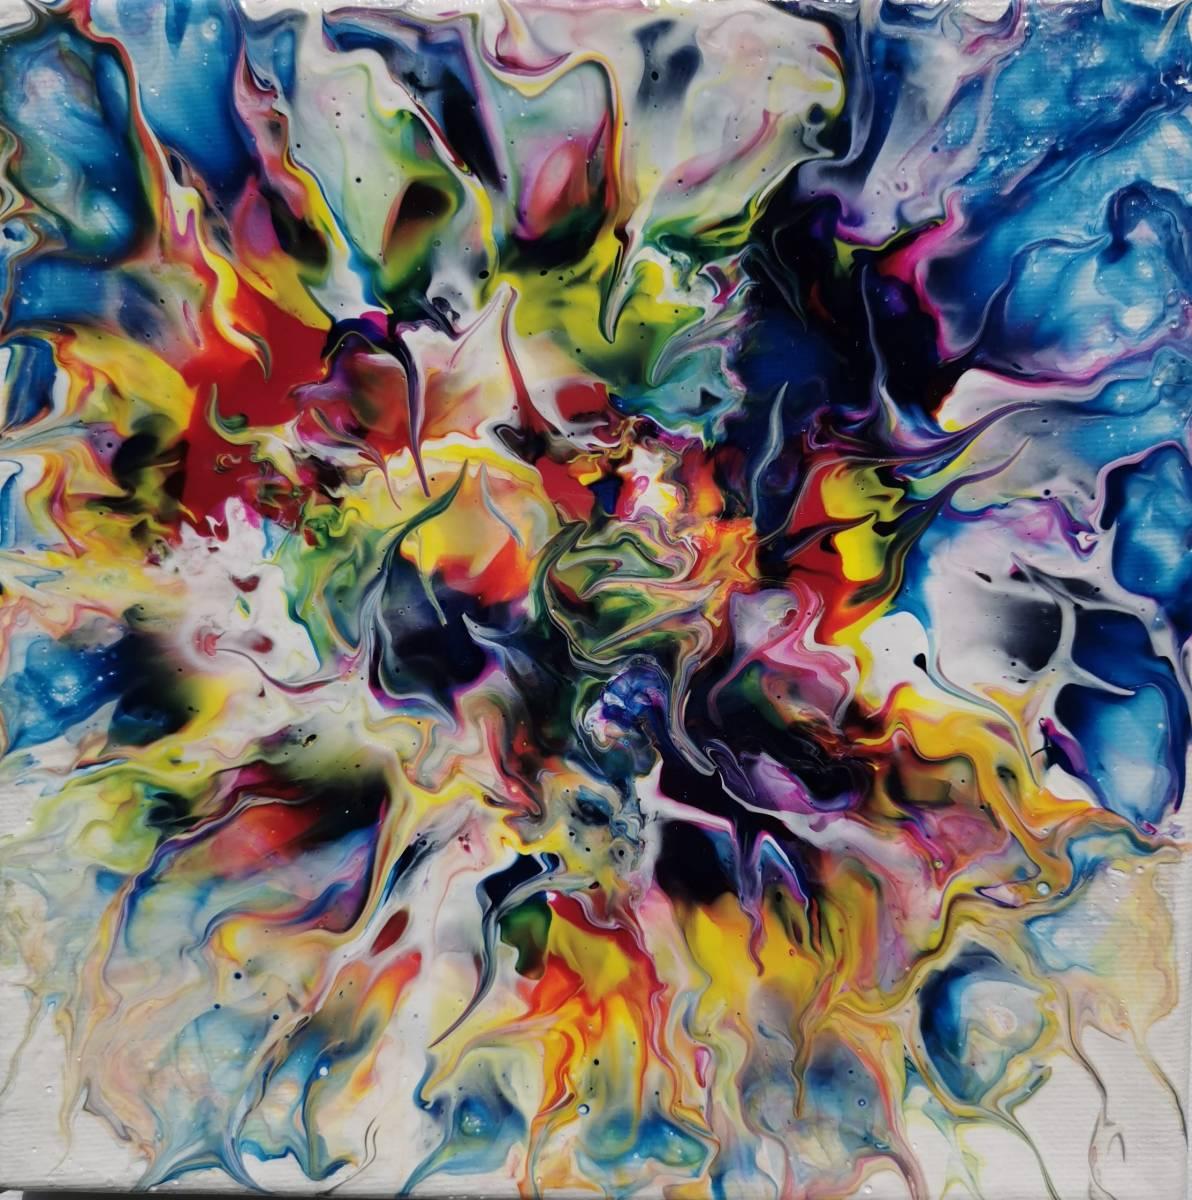 'Flammen' von KreativSchmiede